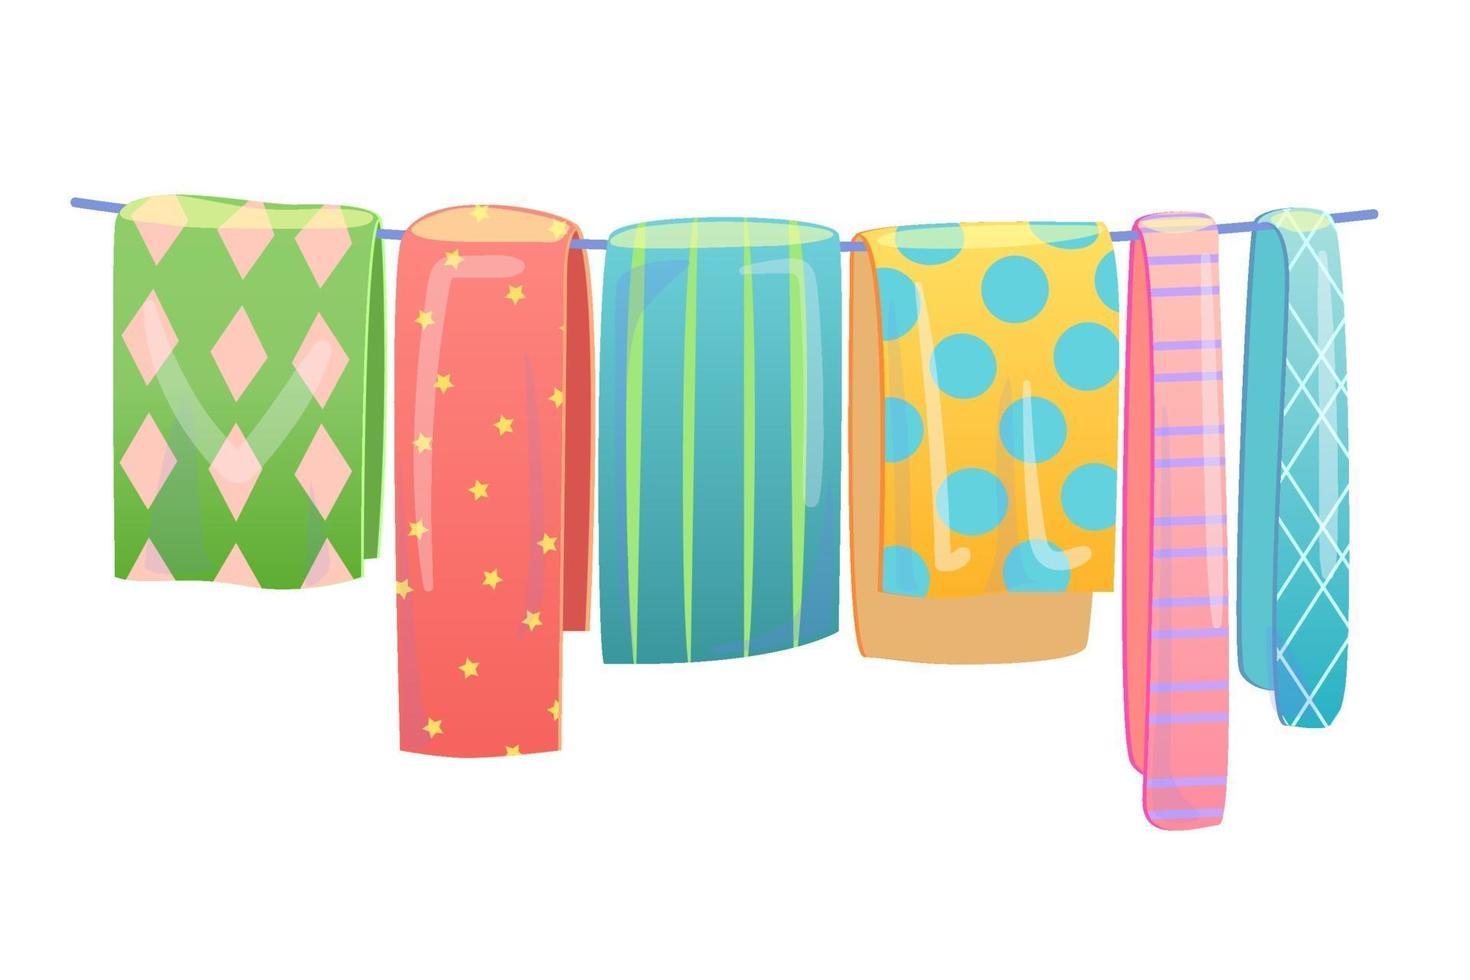 filtar torkar på klädstreck. tvättservice koncept. detaljhandel försäljning inbjudan. handgjorda tyg textil marknadsföring reklamblad, banner layout. dekorativa grejer illustration isolerade på vitt. vektor